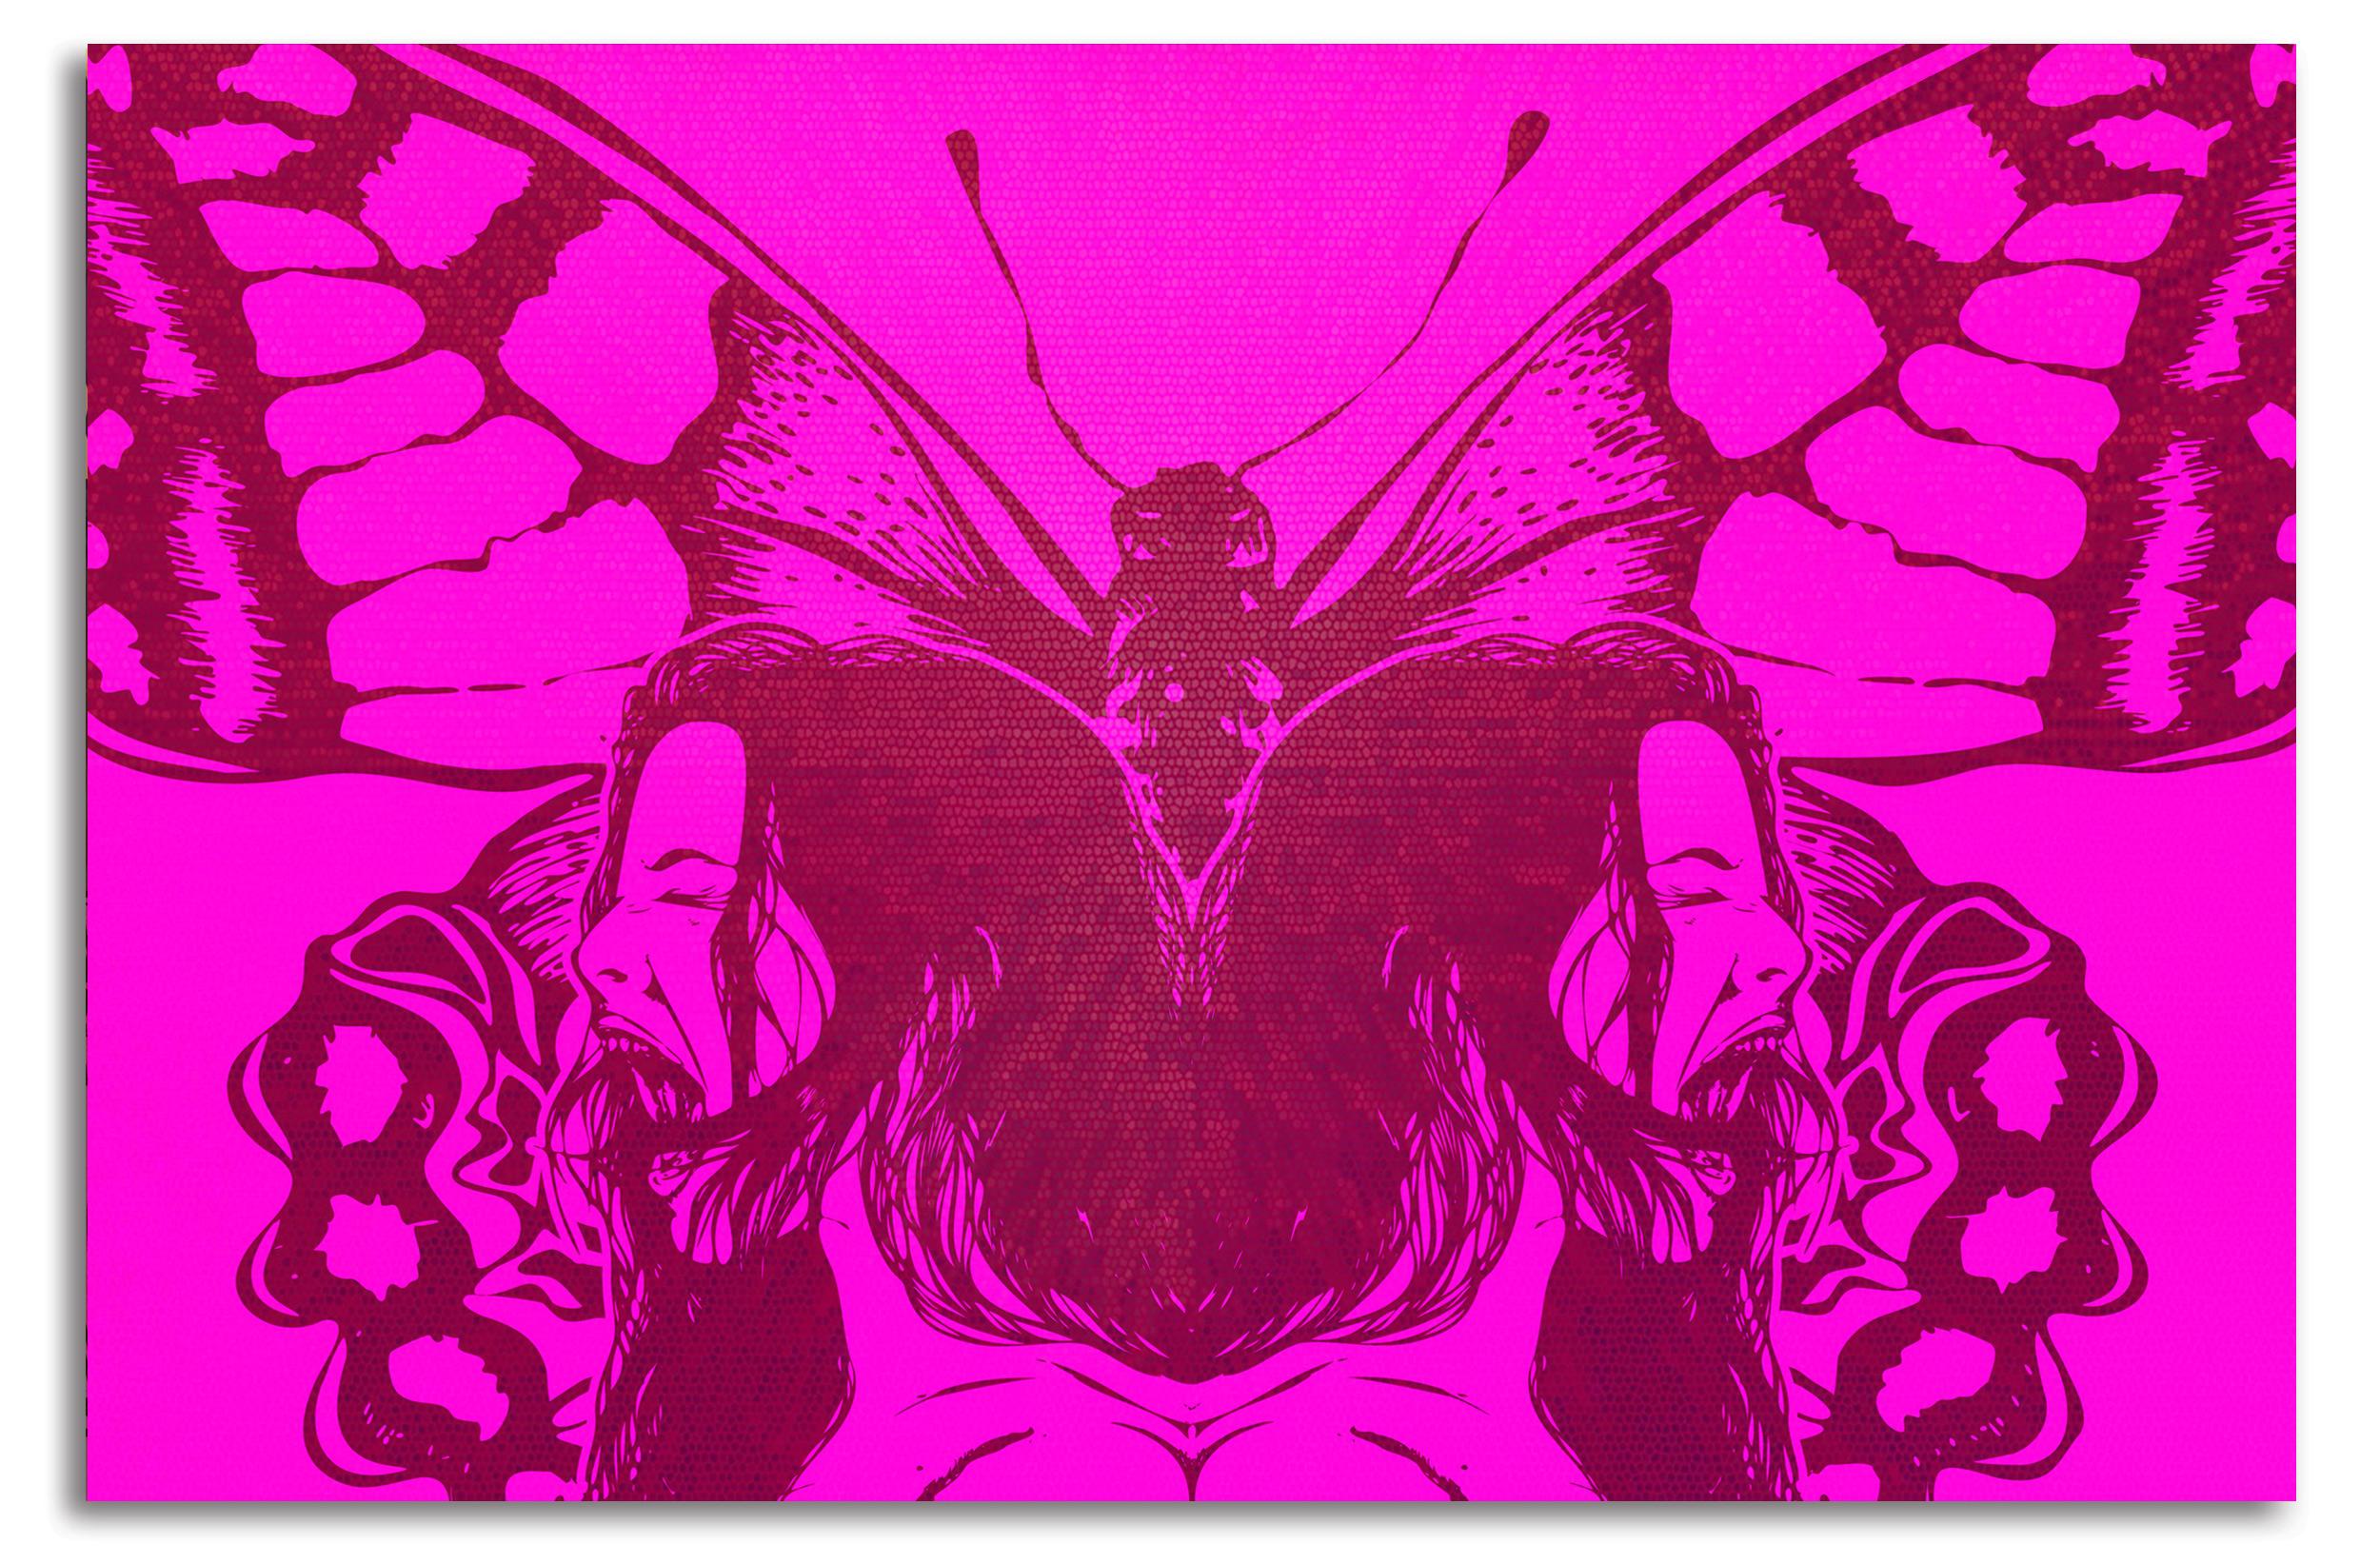 ButterflyScream